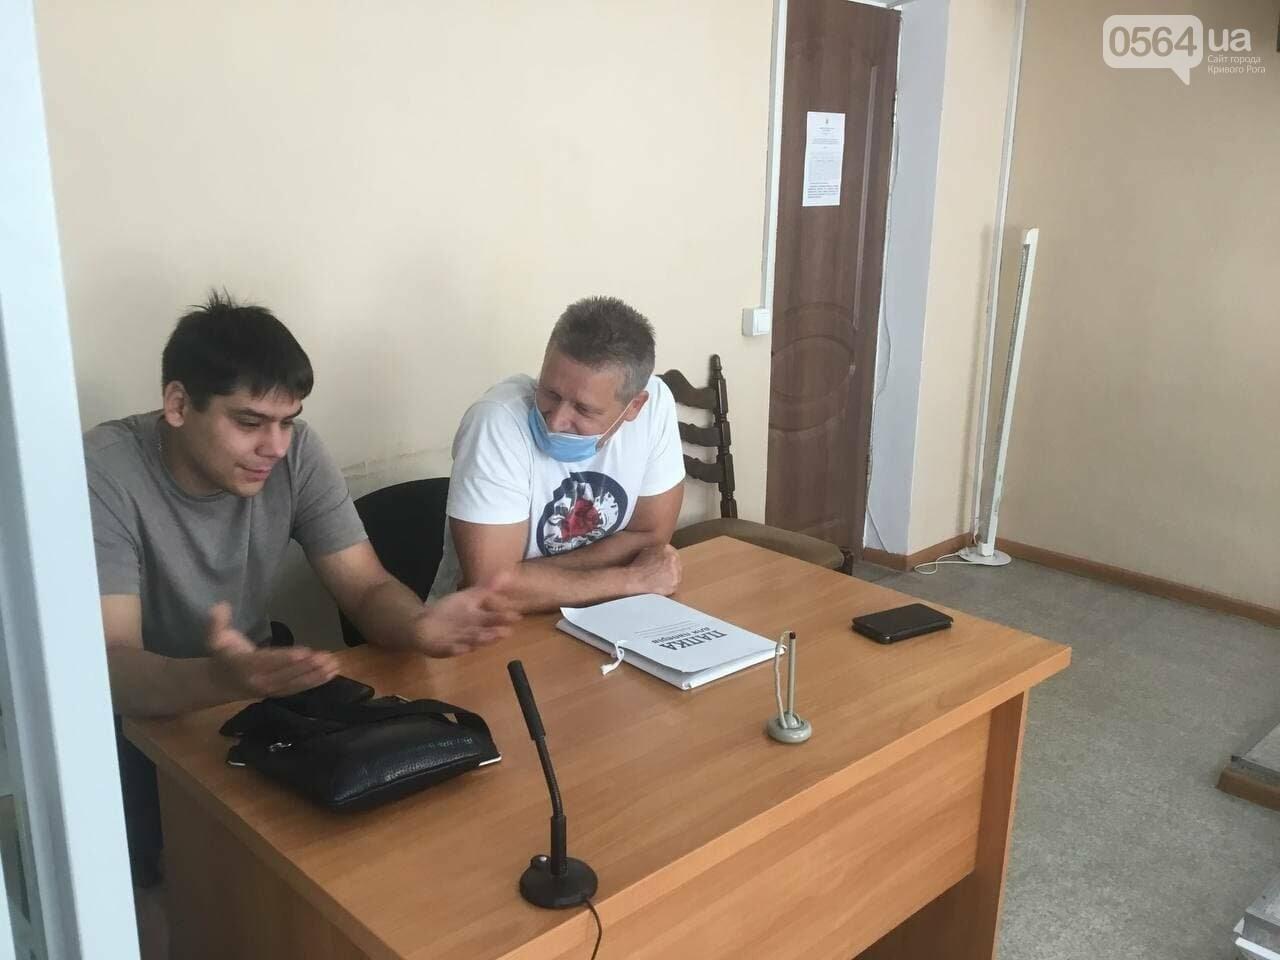 Муниципальный гвардеец против активиста: в суде заявили ходатайства о реагировании на противозаконные действия полицейских, - ФОТО, ВИДЕО, фото-5